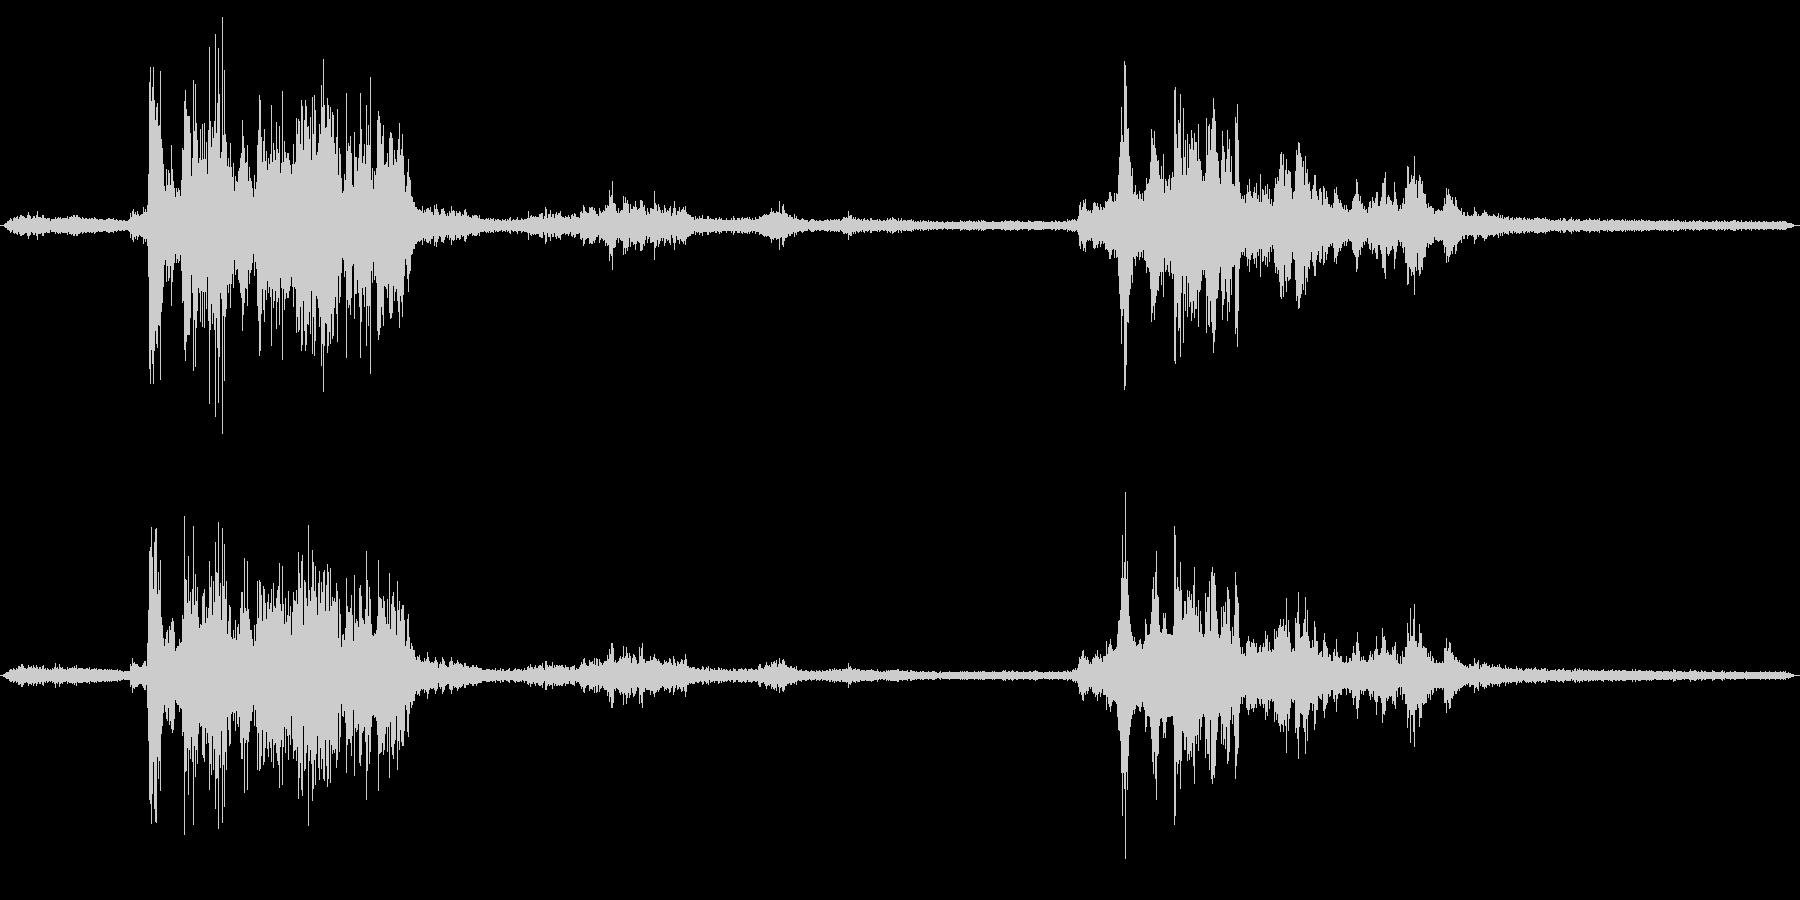 雷のフィールドレコーディング2の未再生の波形